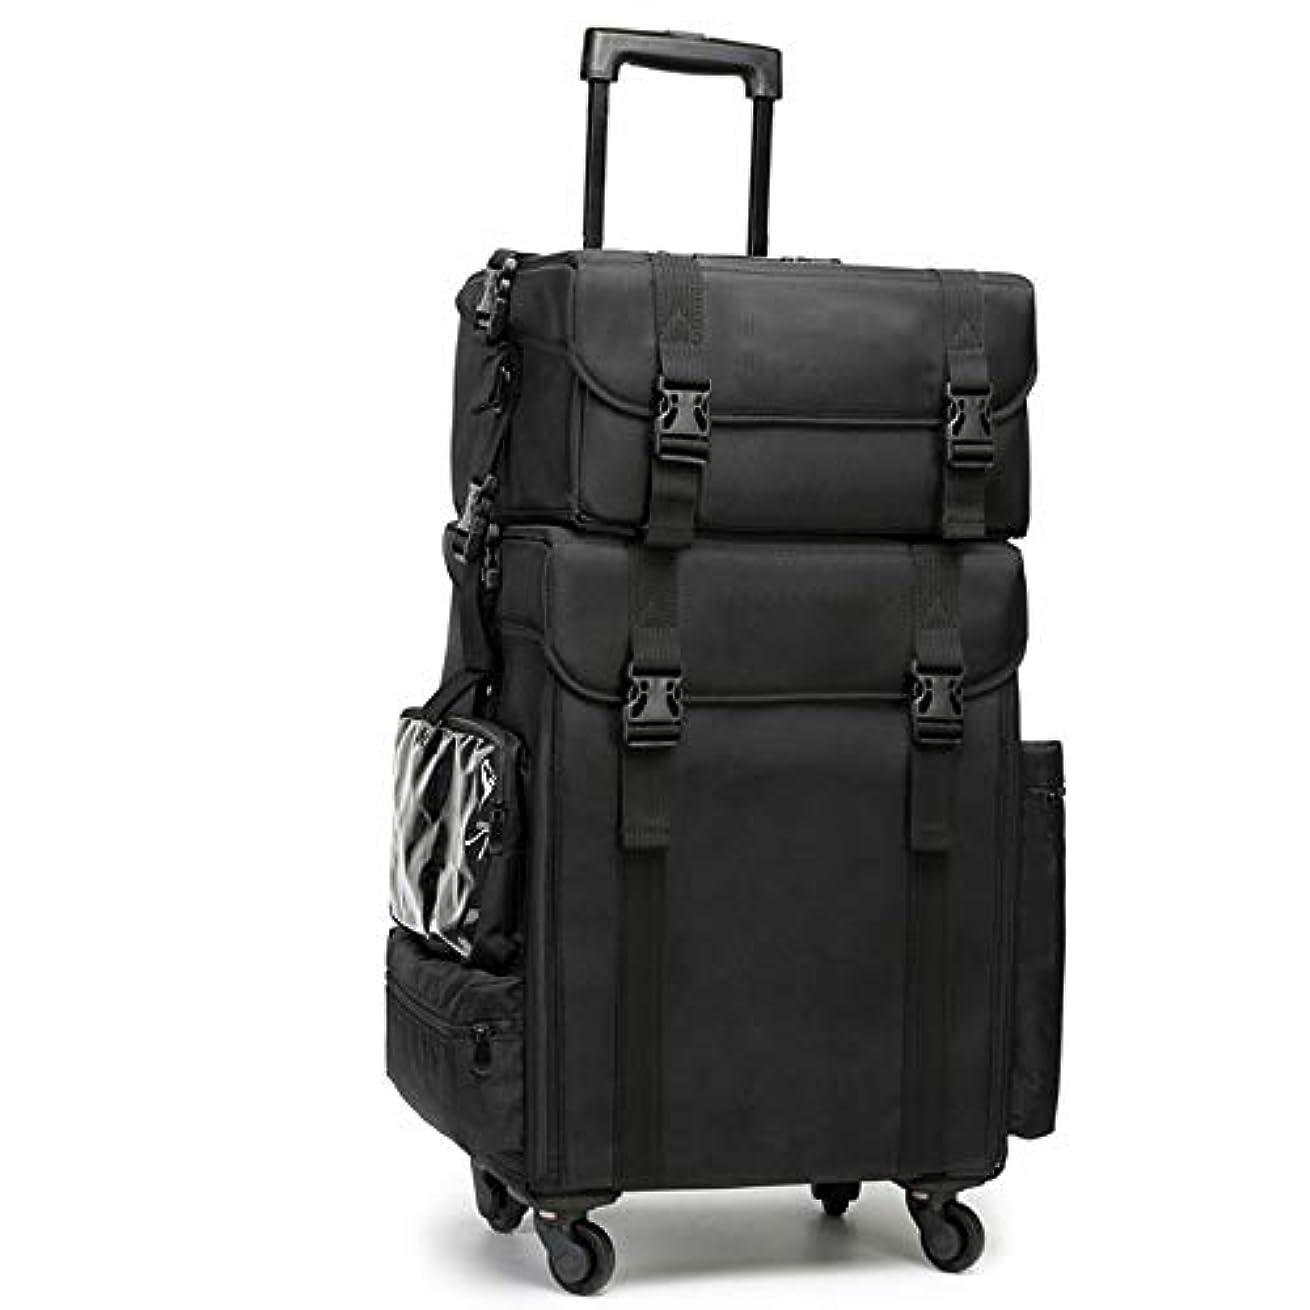 ドット繊維過激派GOGOS メイクボックス 大容量 プロ仕様 コスメボックス スーツケース型 化粧品収納ボックス 美容師 アーティスト バッグ ケース 4輪 キャスター付き 防水 出張 携帯 便利